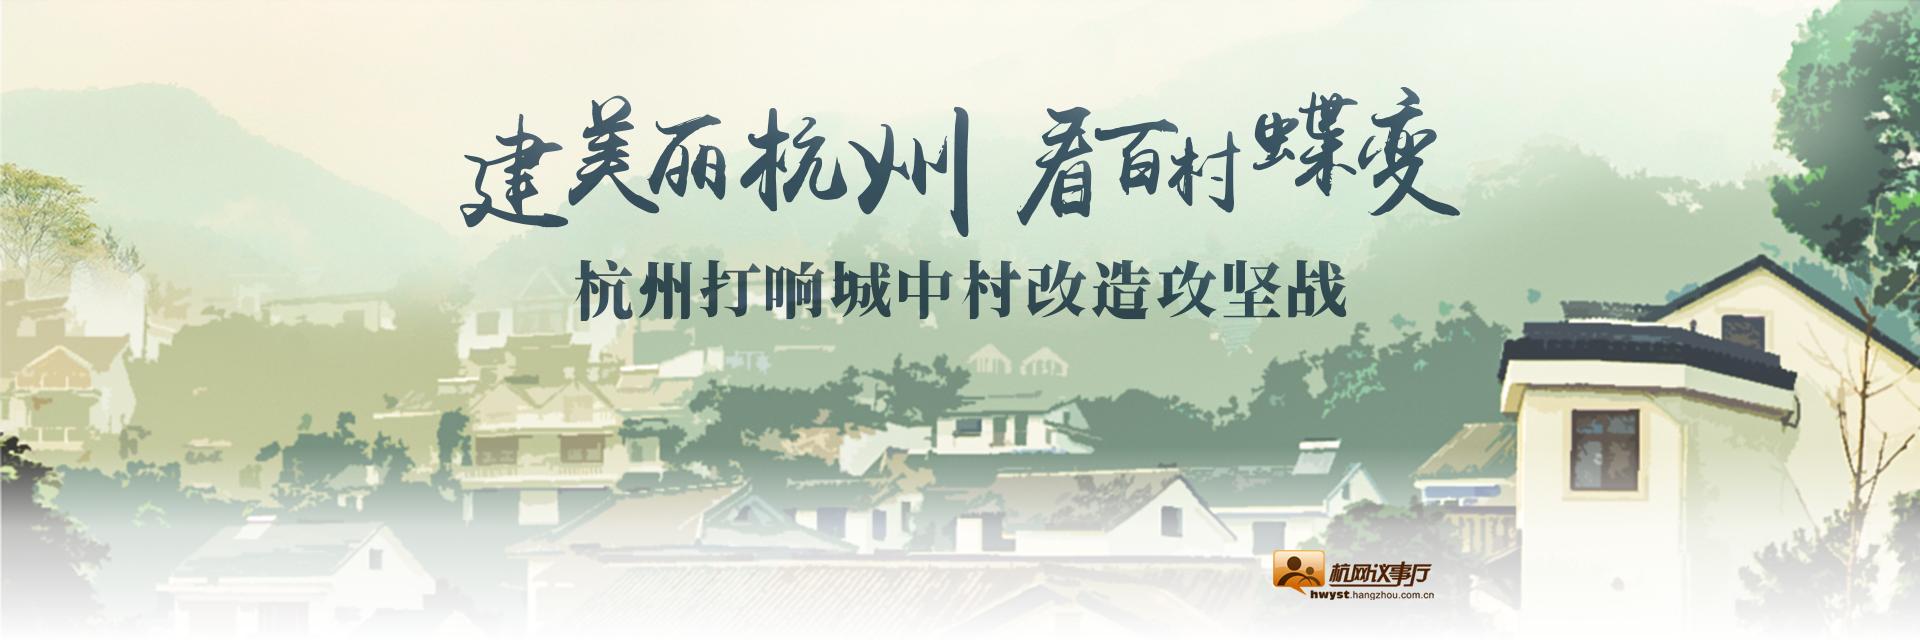 建美丽杭州 看百村蝶变 杭州打响城中村改造攻坚战